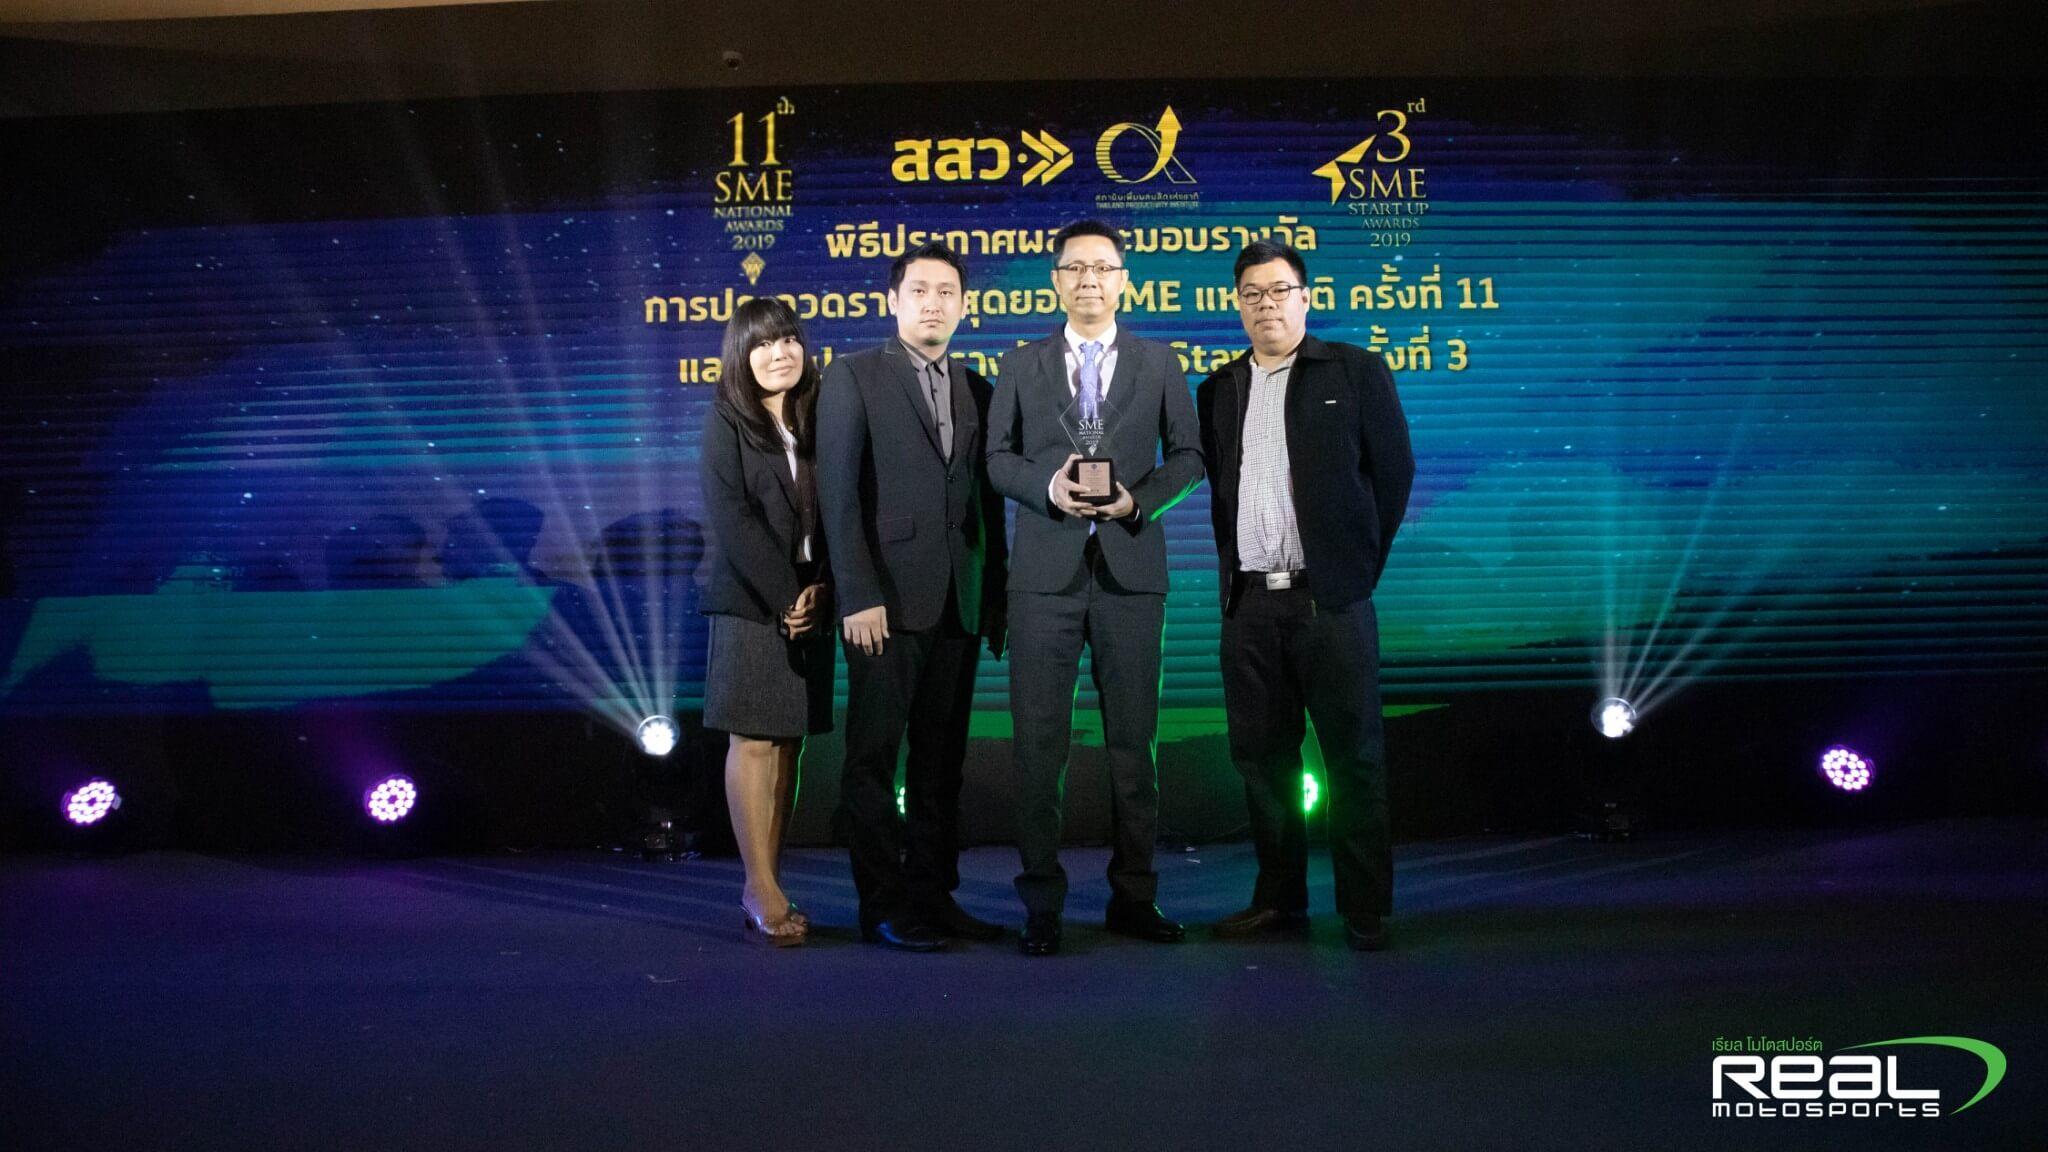 มอบรางวัล sme award